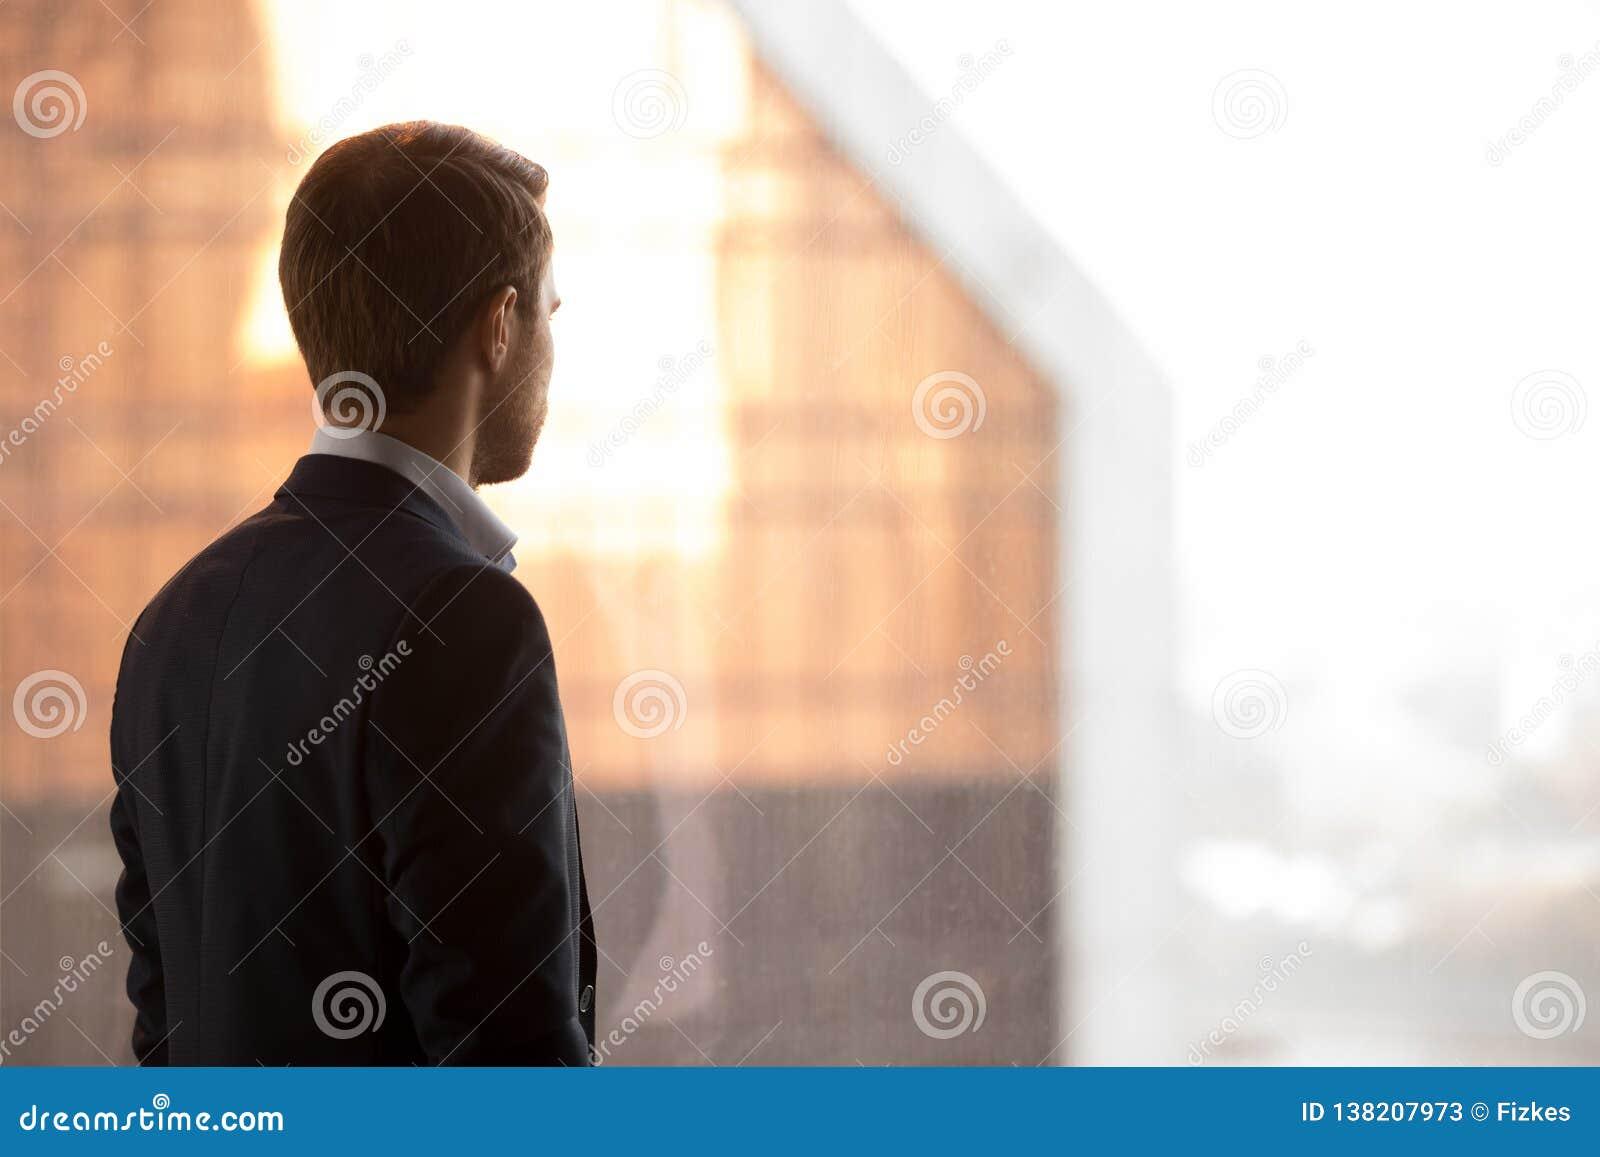 Вид сзади на богатом бизнесмене стоя назад смотрящ окно